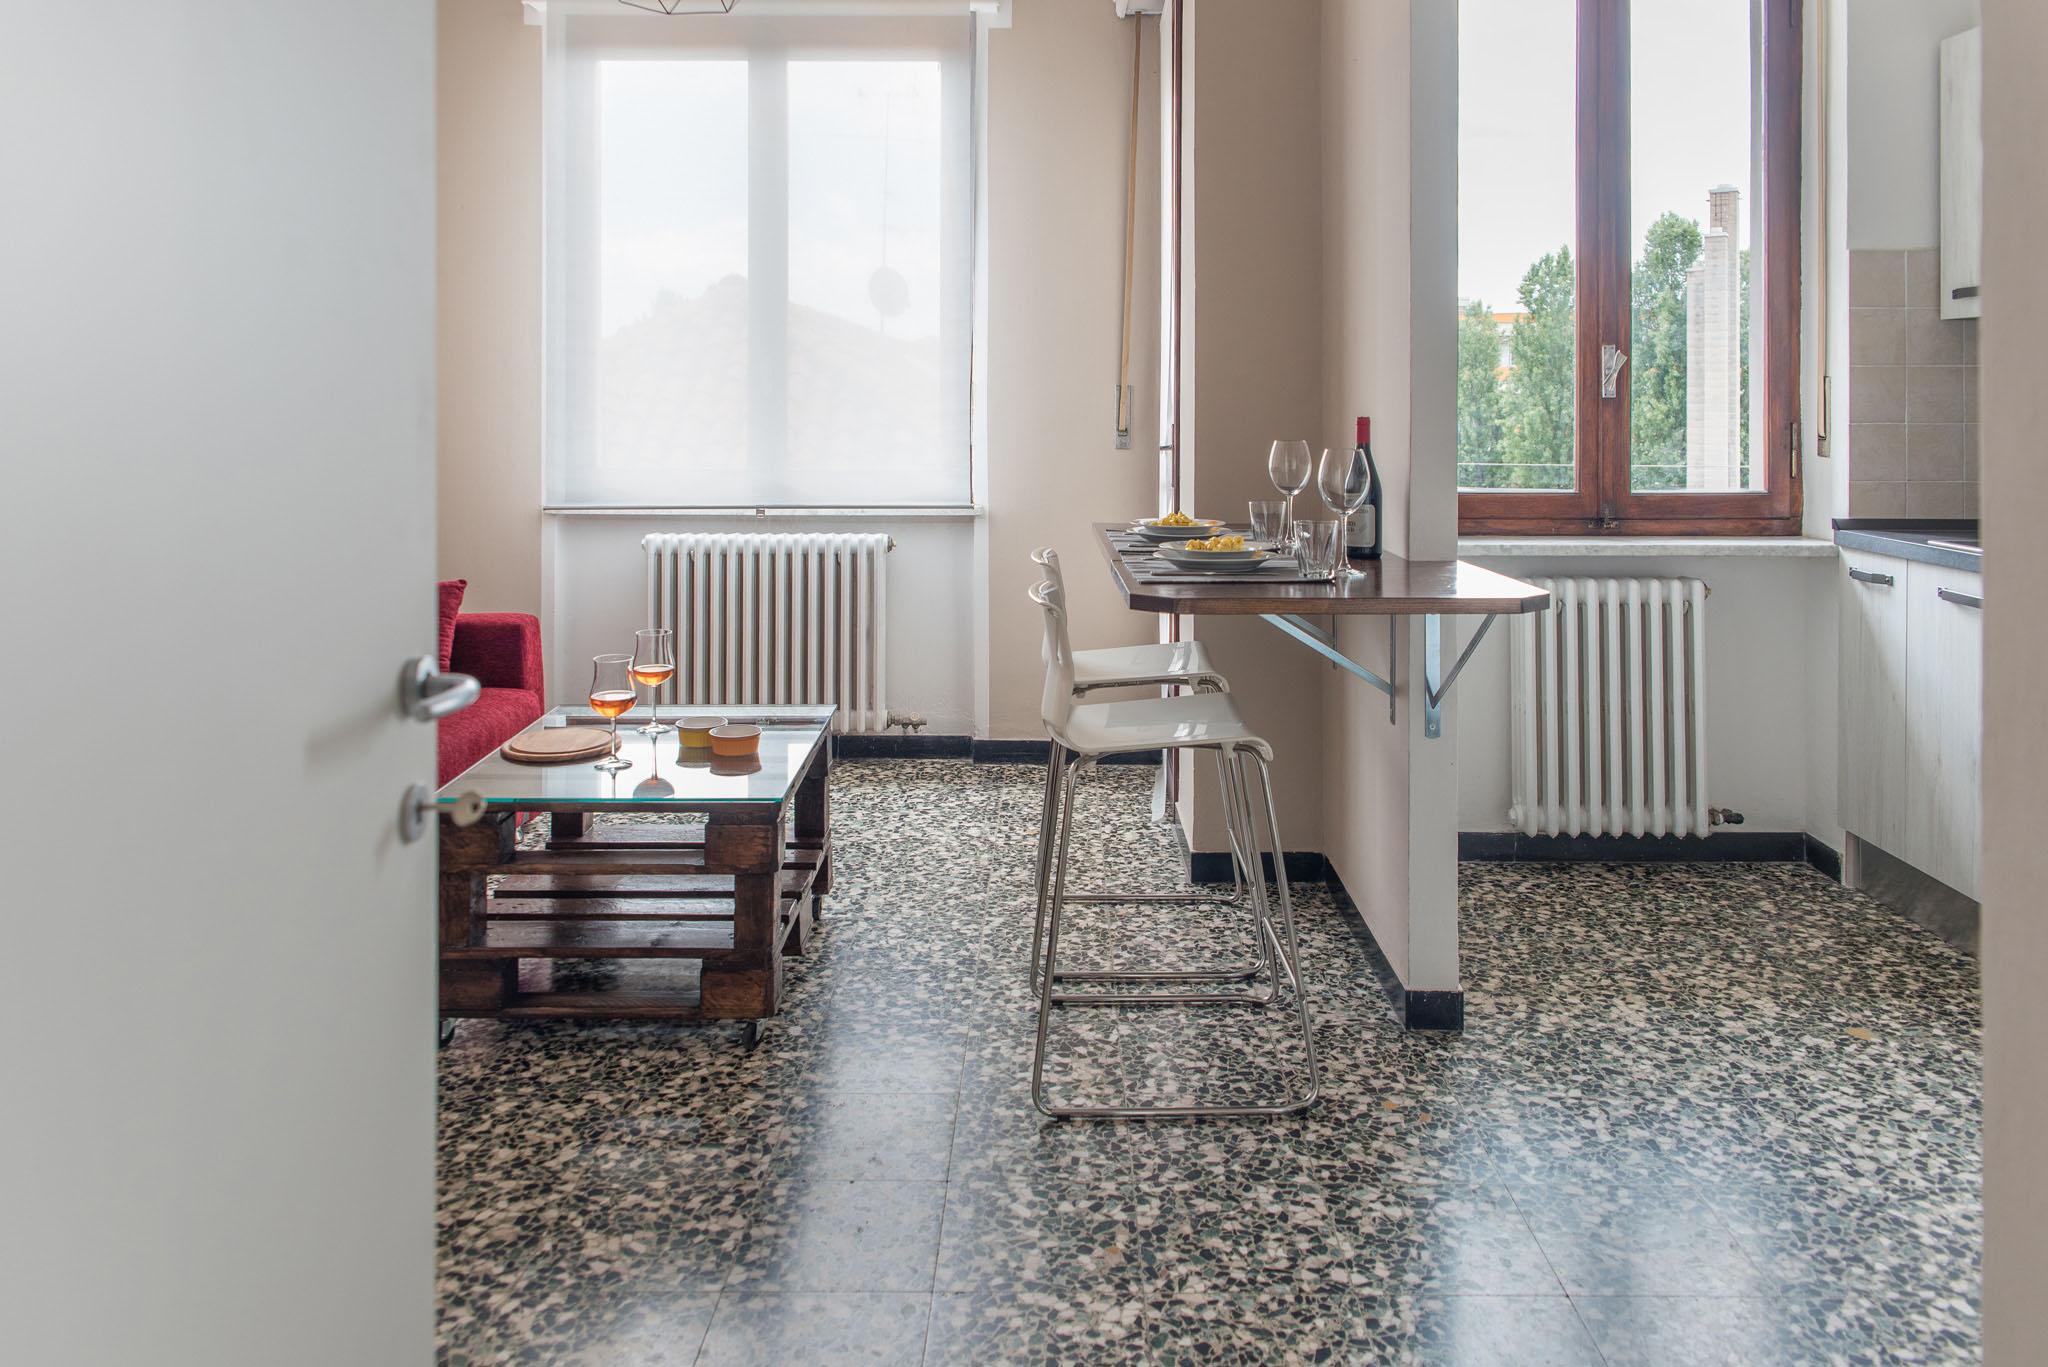 Architettura-Interni - DSC 6440 - Fotografo-Airbnb - Fotografo-Airbnb